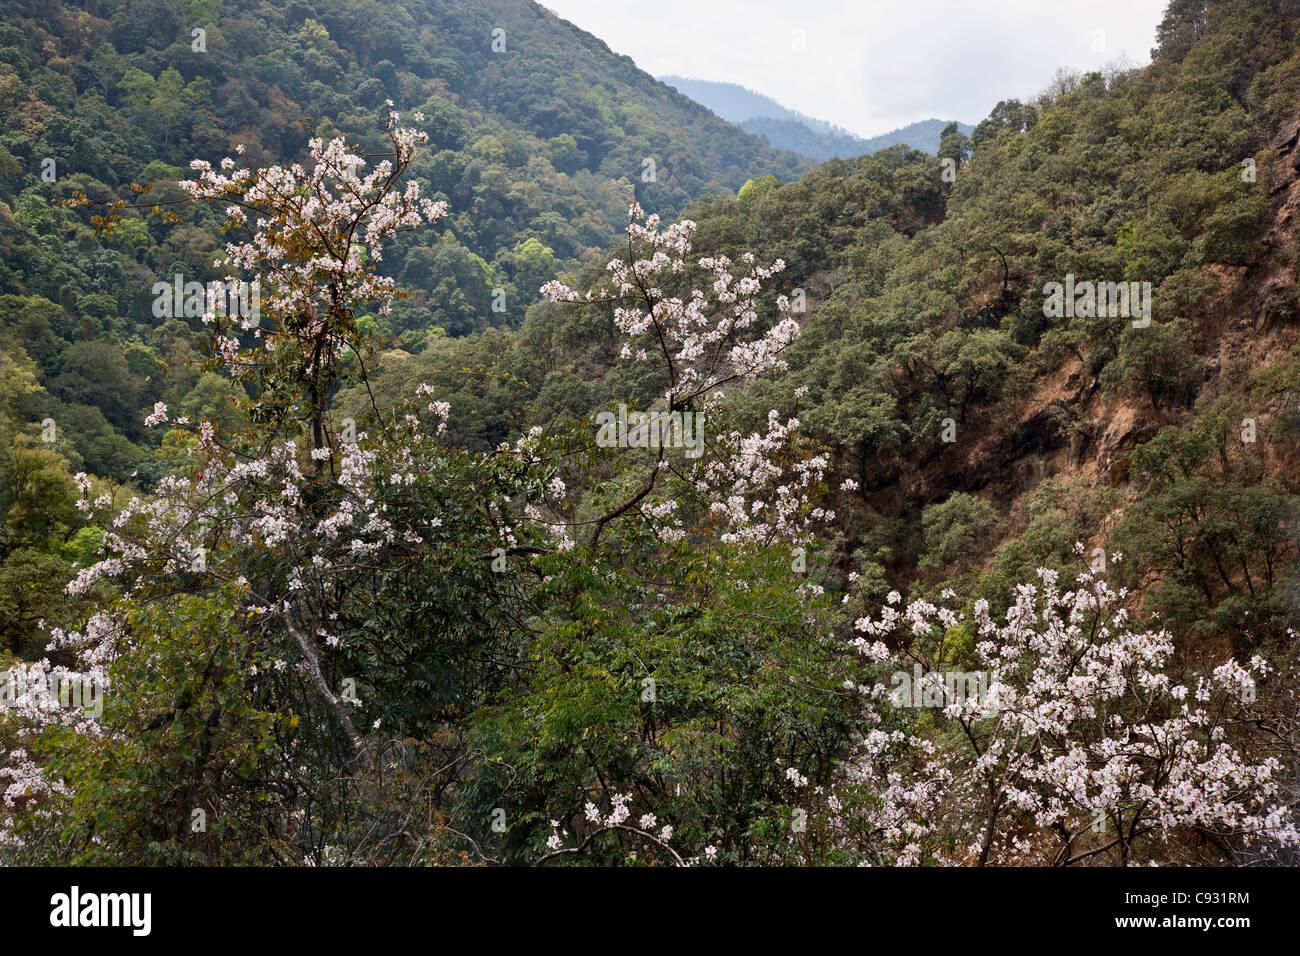 La belle fleur de bauhinia variegata, grandissant dans le Drangme Chhu Trashi Yangstze river valley près de. Photo Stock